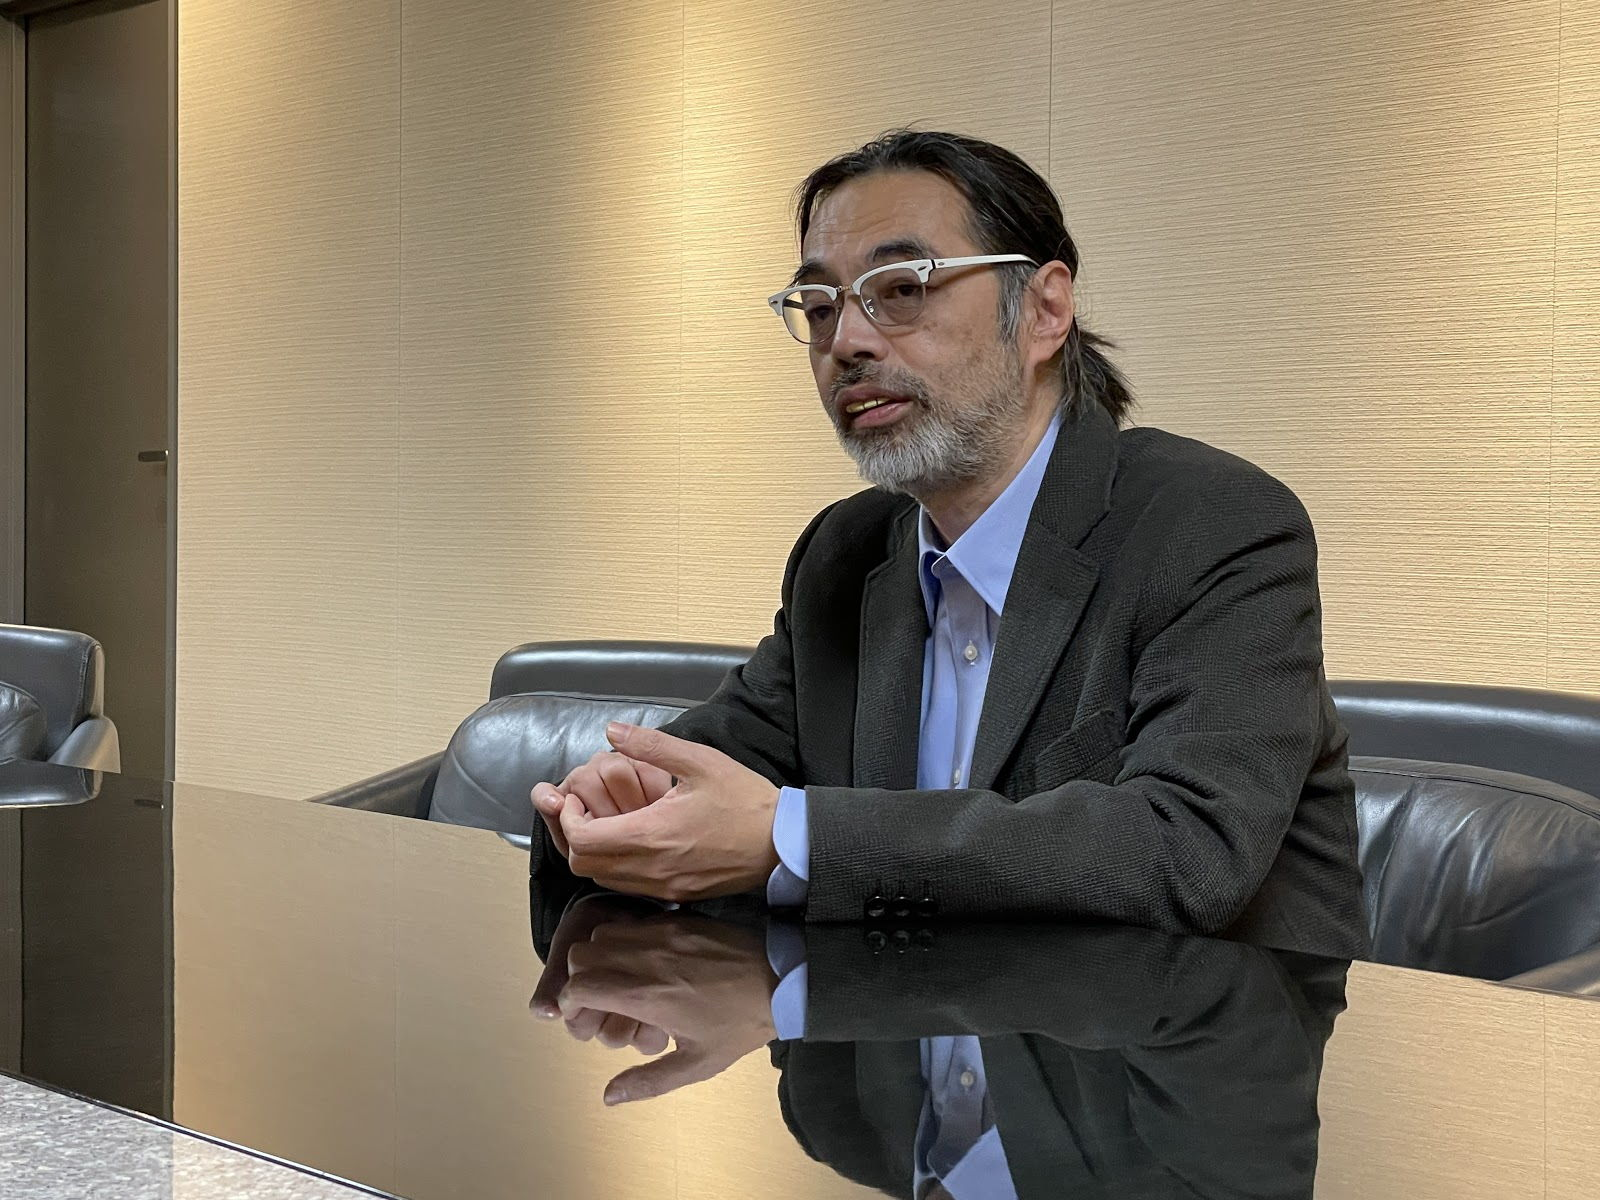 Takaya Imamura intervista IGN